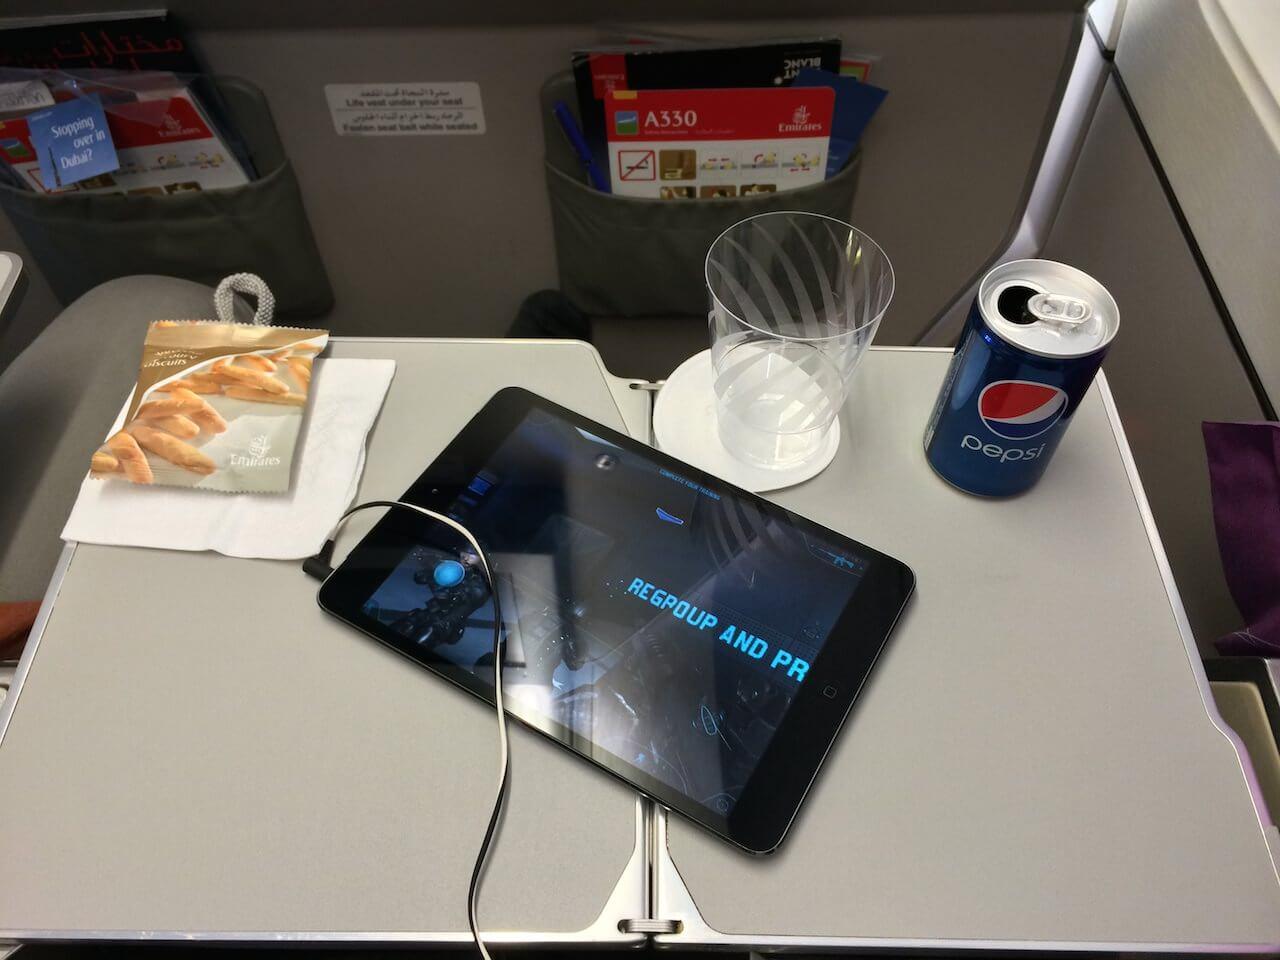 Miejsca trochę więcej niż przy lotach krajowych, ale szału nie ma. Stoliki wyłącznie wysuwane z boku siedzenia co jest o tyle dobre, że masz ten stolik w odpowiedniej odległości od głowy i ten z przodu nagle ci nie połamie laptopa, gdy będzie odchylał fotel.